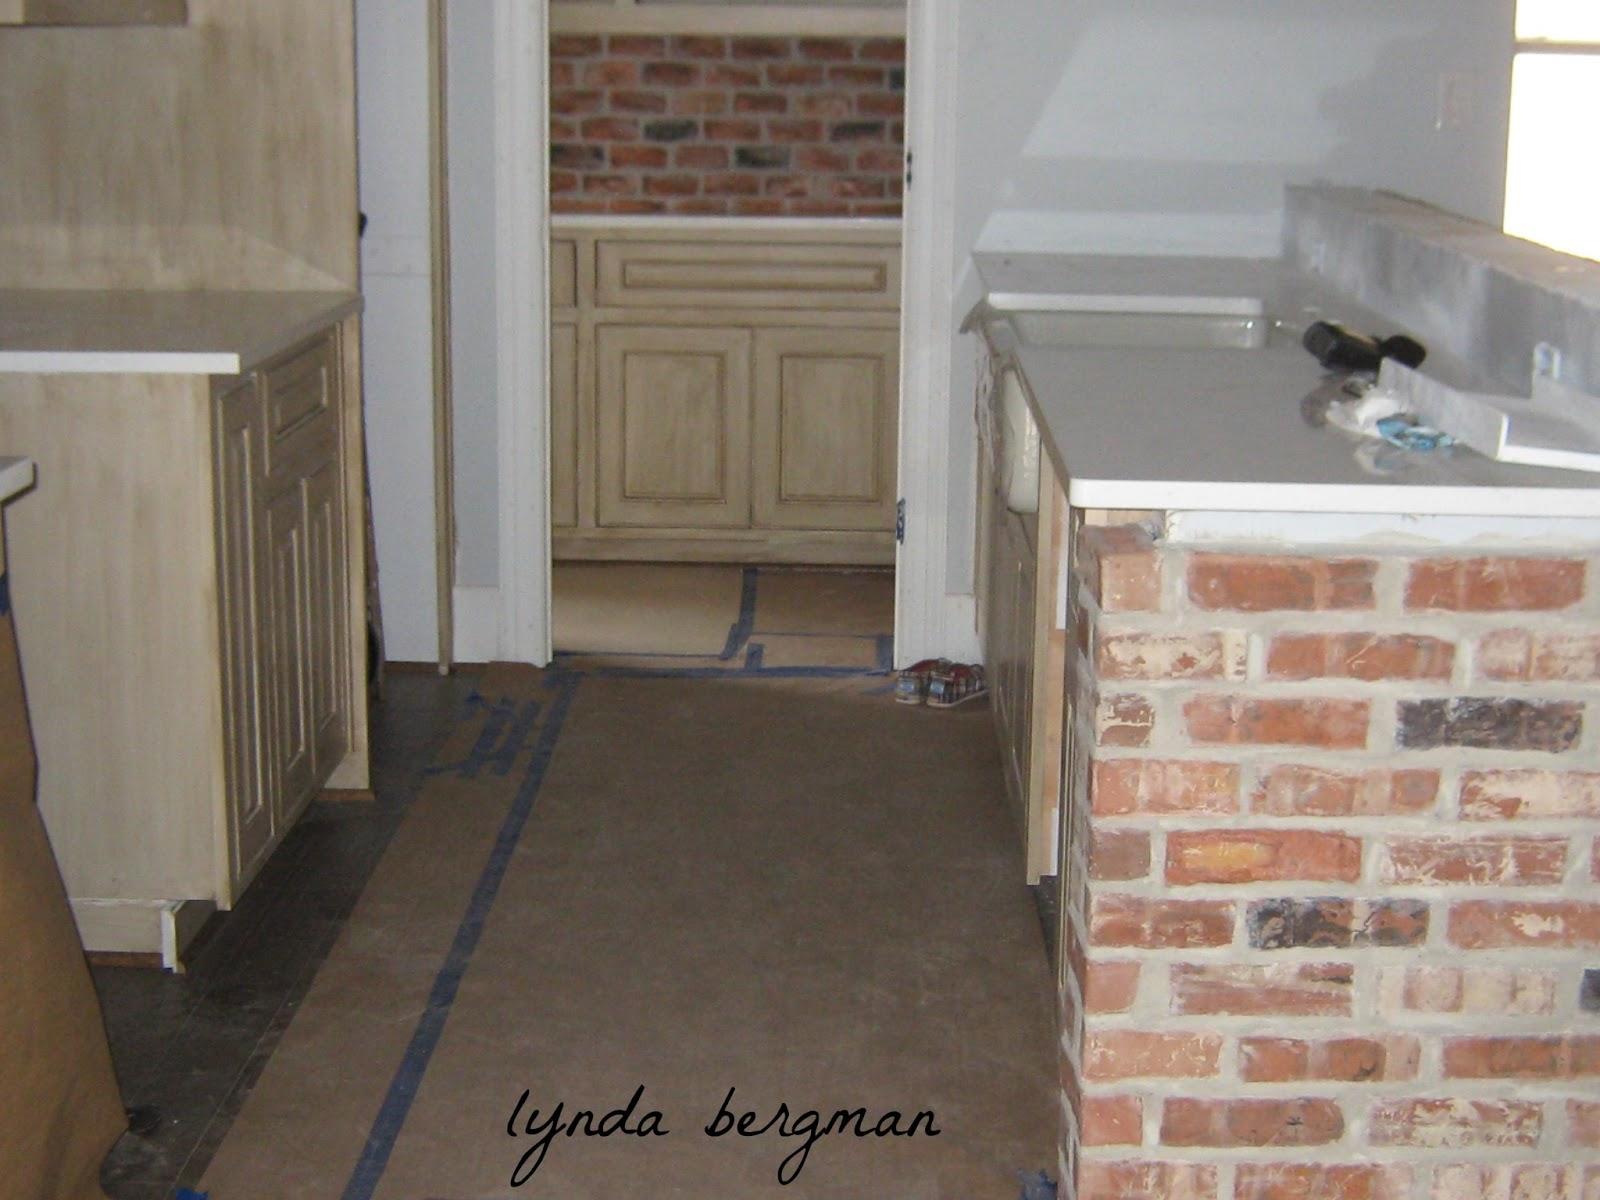 lynda bergman decorative artisan drawing u0026 painting faux bricks